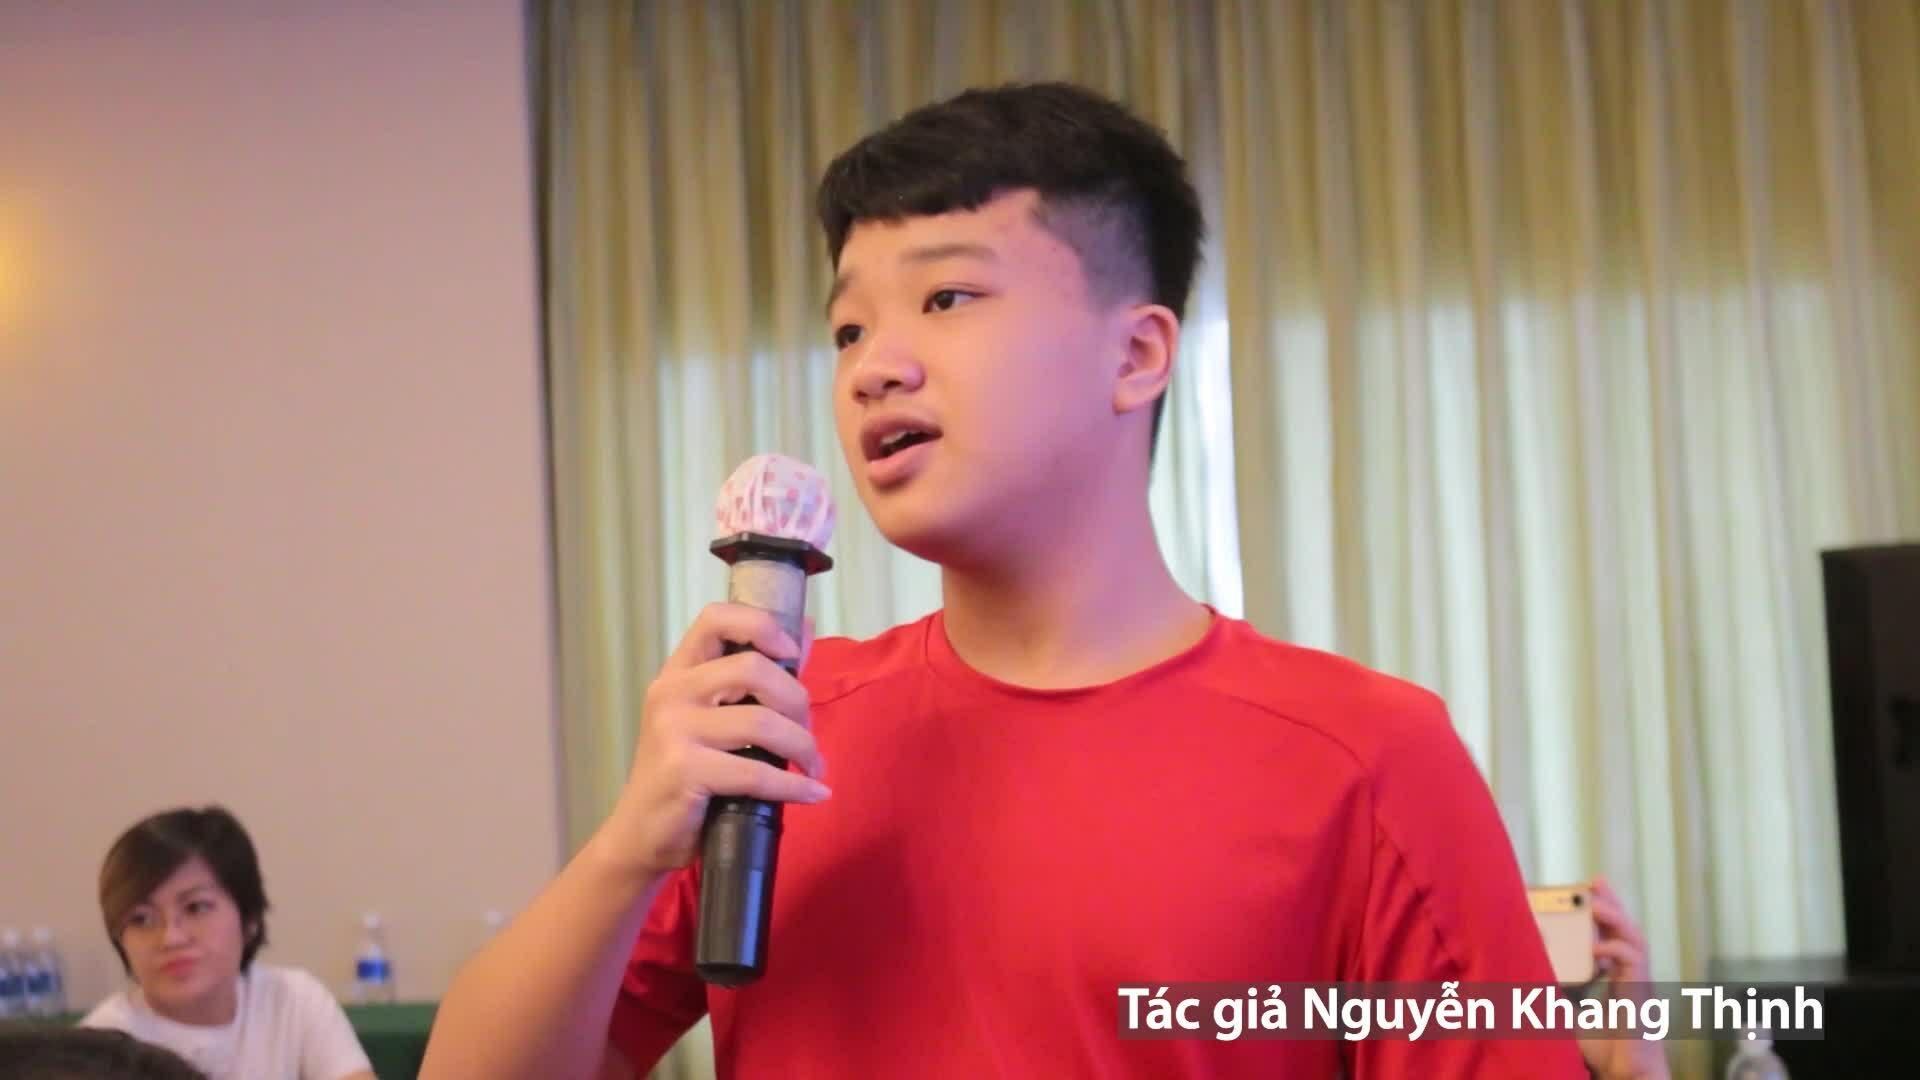 Tác giả 13 tuổi đoạt giải Sách Hay 2020